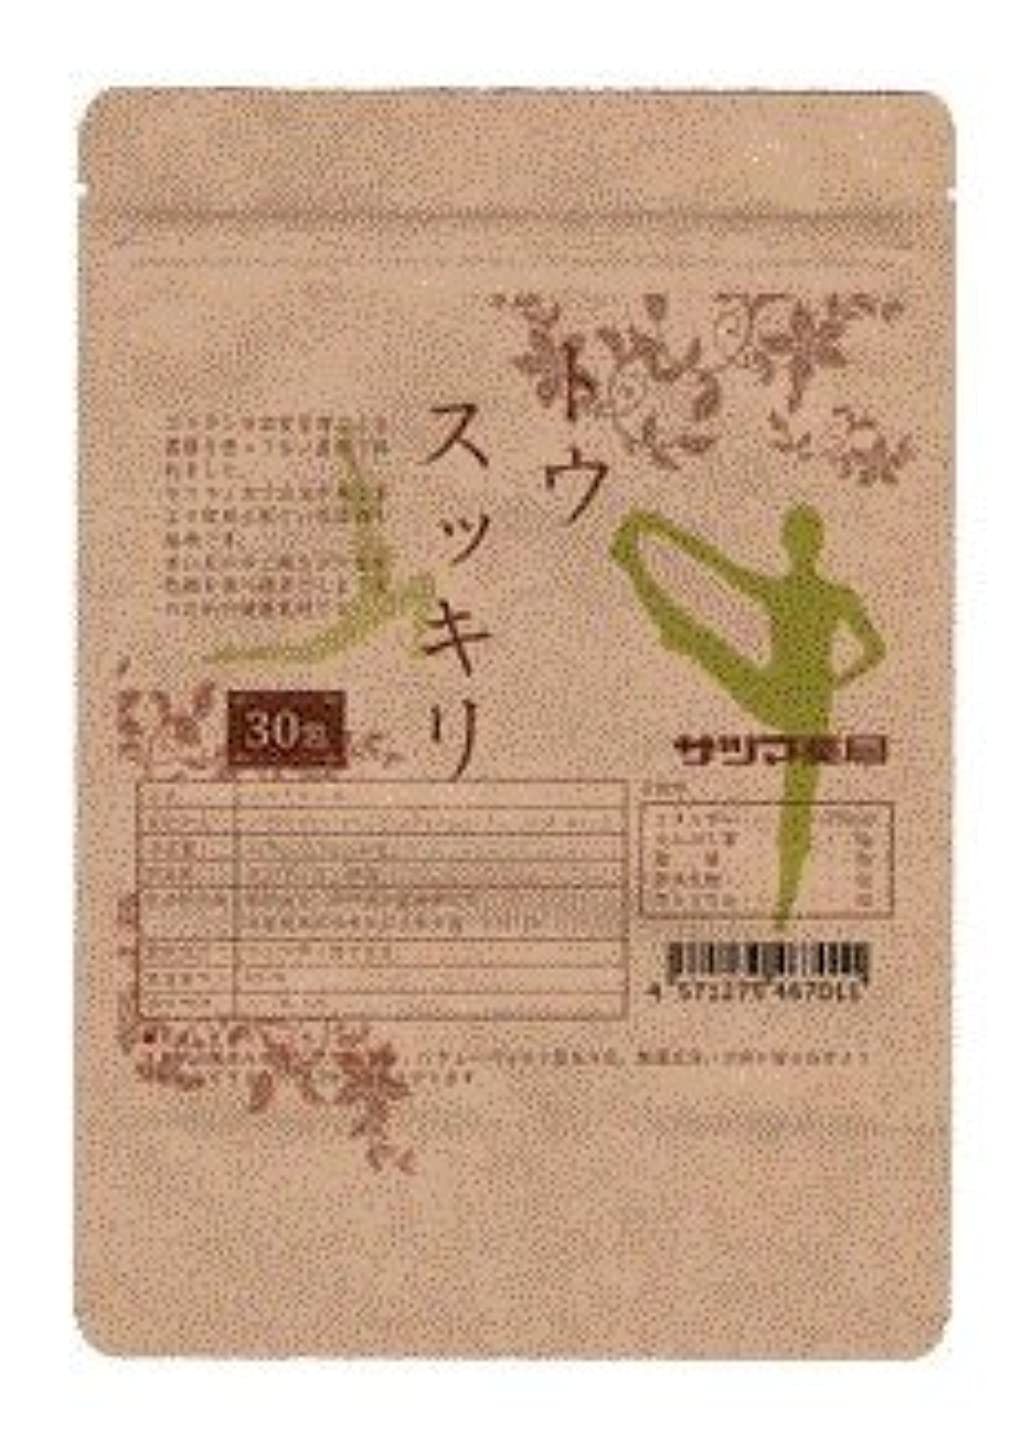 引き渡す北東管理します〔サツマ薬局〕 トウスッキリ 高濃度コタラヒム茶(ティーパック) 30包